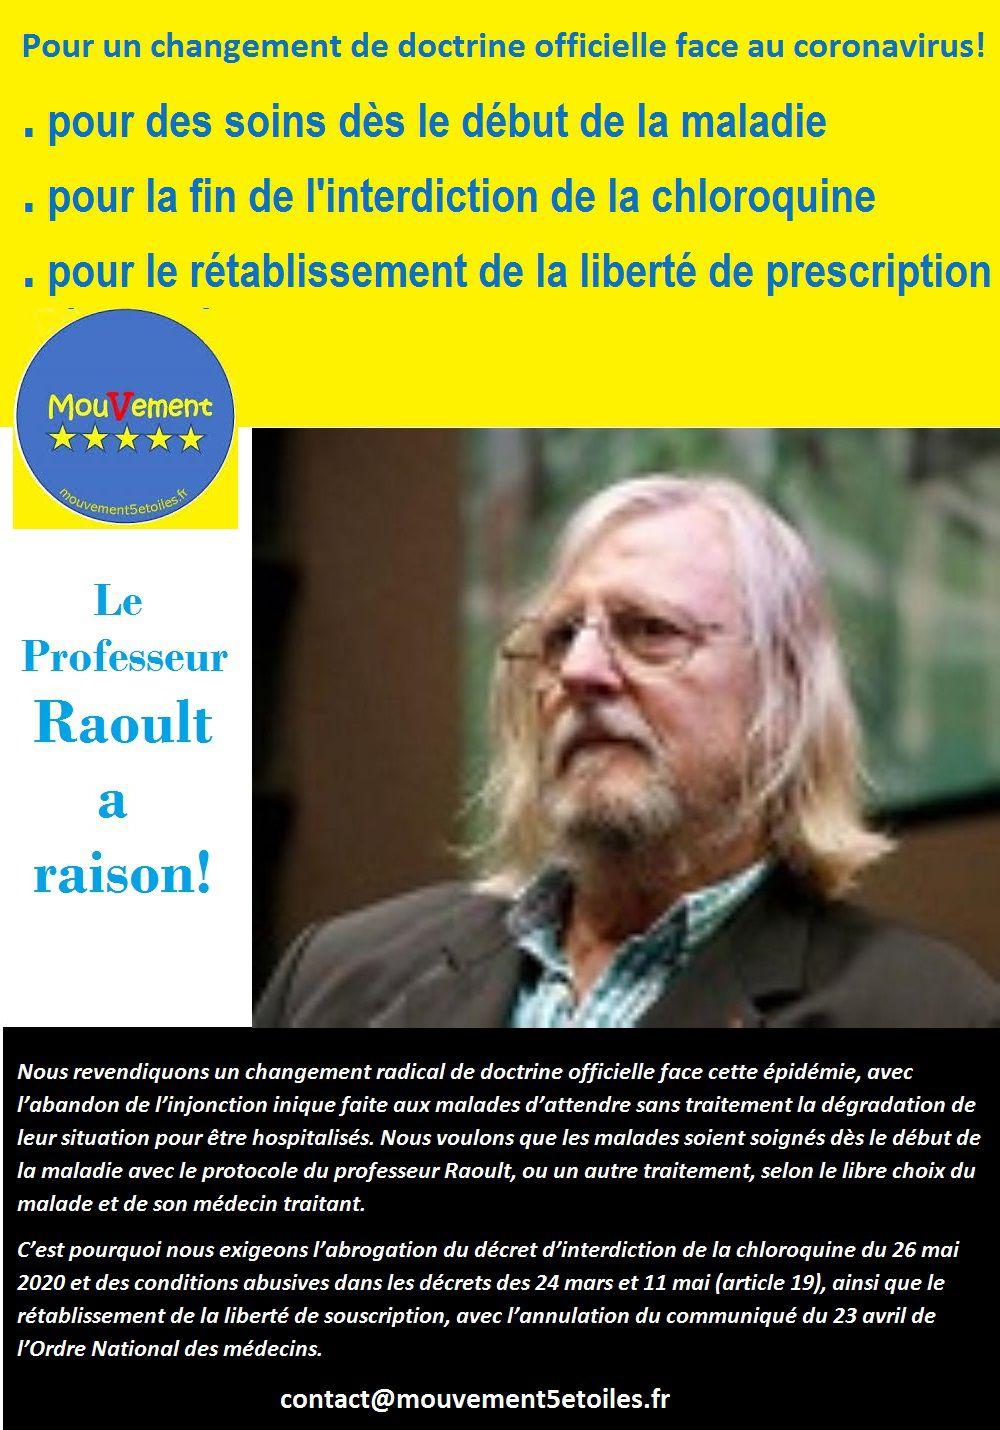 Stand Raoult organisé par le Mouvement 5 étoiles pour défendre le Professeur Raoult et l'honnêteté de la médecine